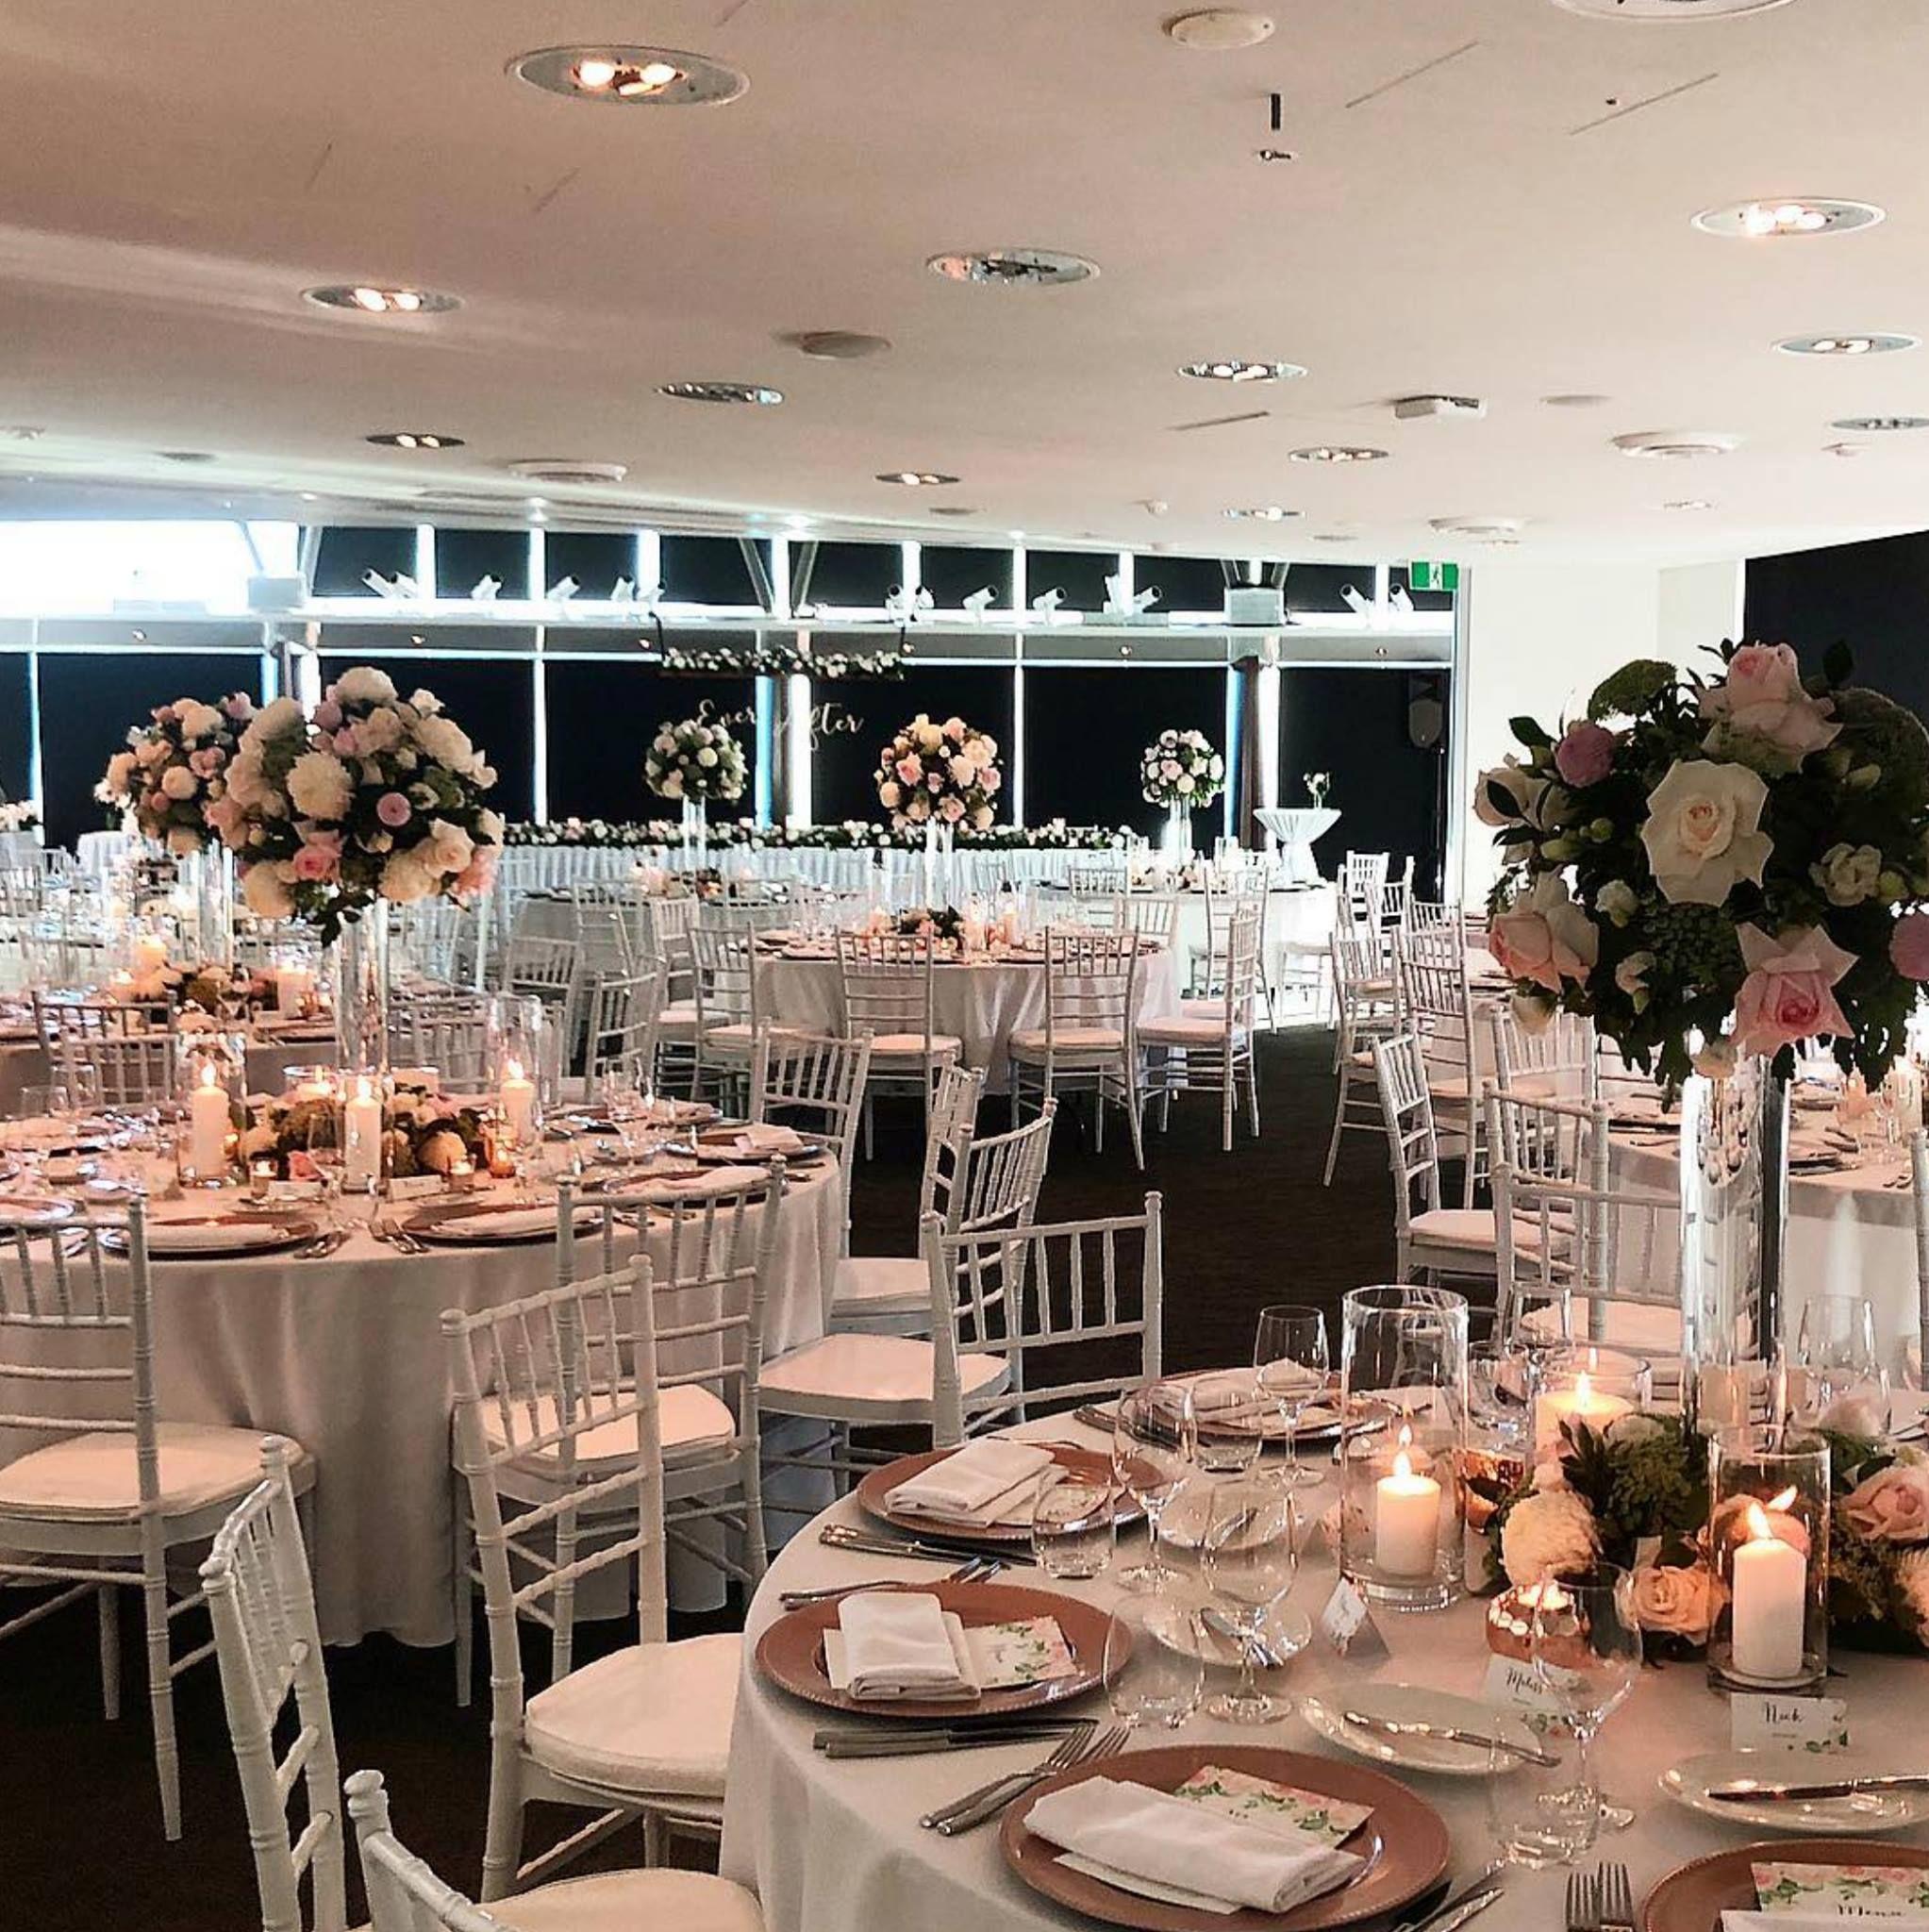 Wedding Styling And Floral Decor At Yacht Club Wedding Reception On Hamilton Island Hamilton Island Wedding Yacht Club Wedding Reception Yacht Club Wedding